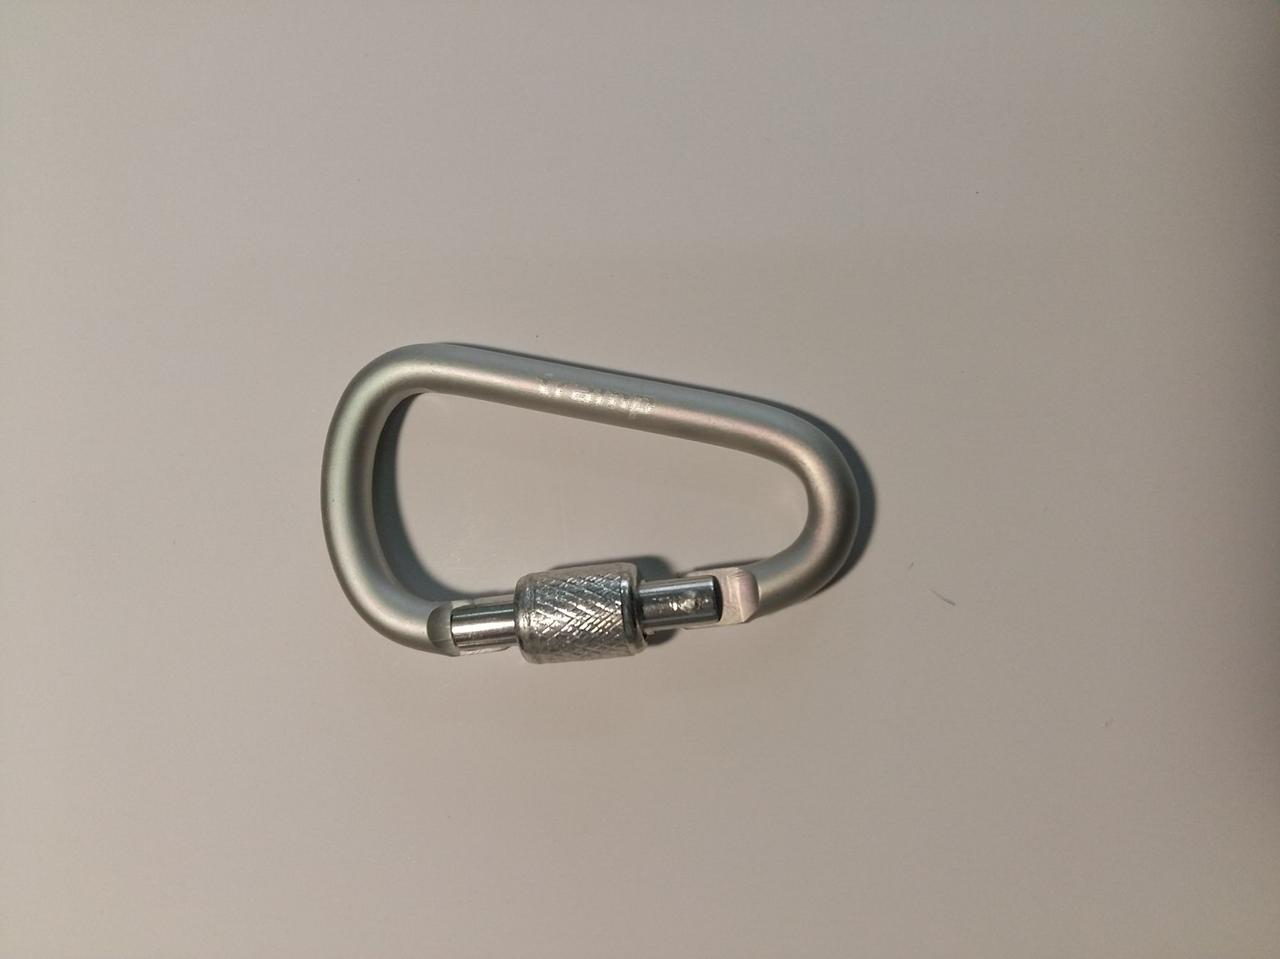 Карабін Tramp алюмінієвий, розмір 6 см, з муфтою, білий металік арт.TRA-007